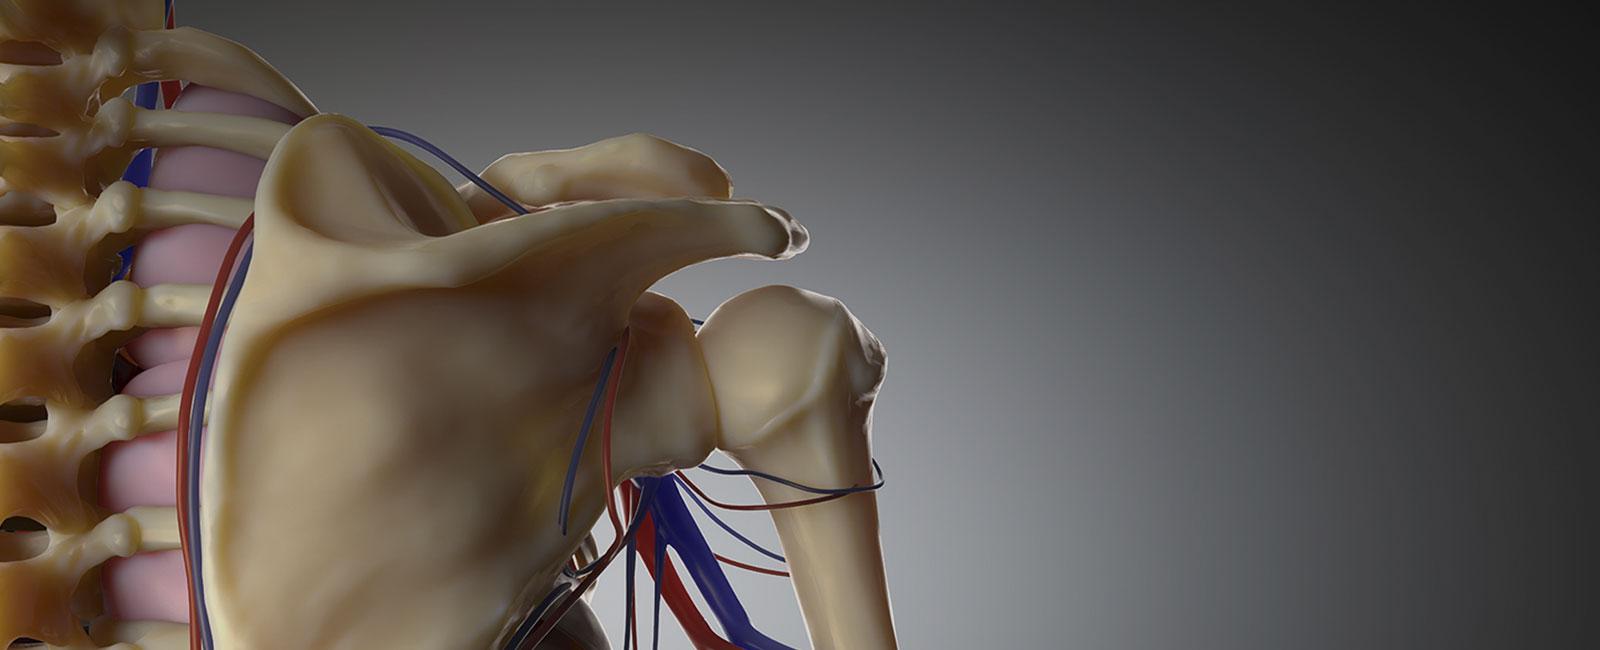 exposición anatomed